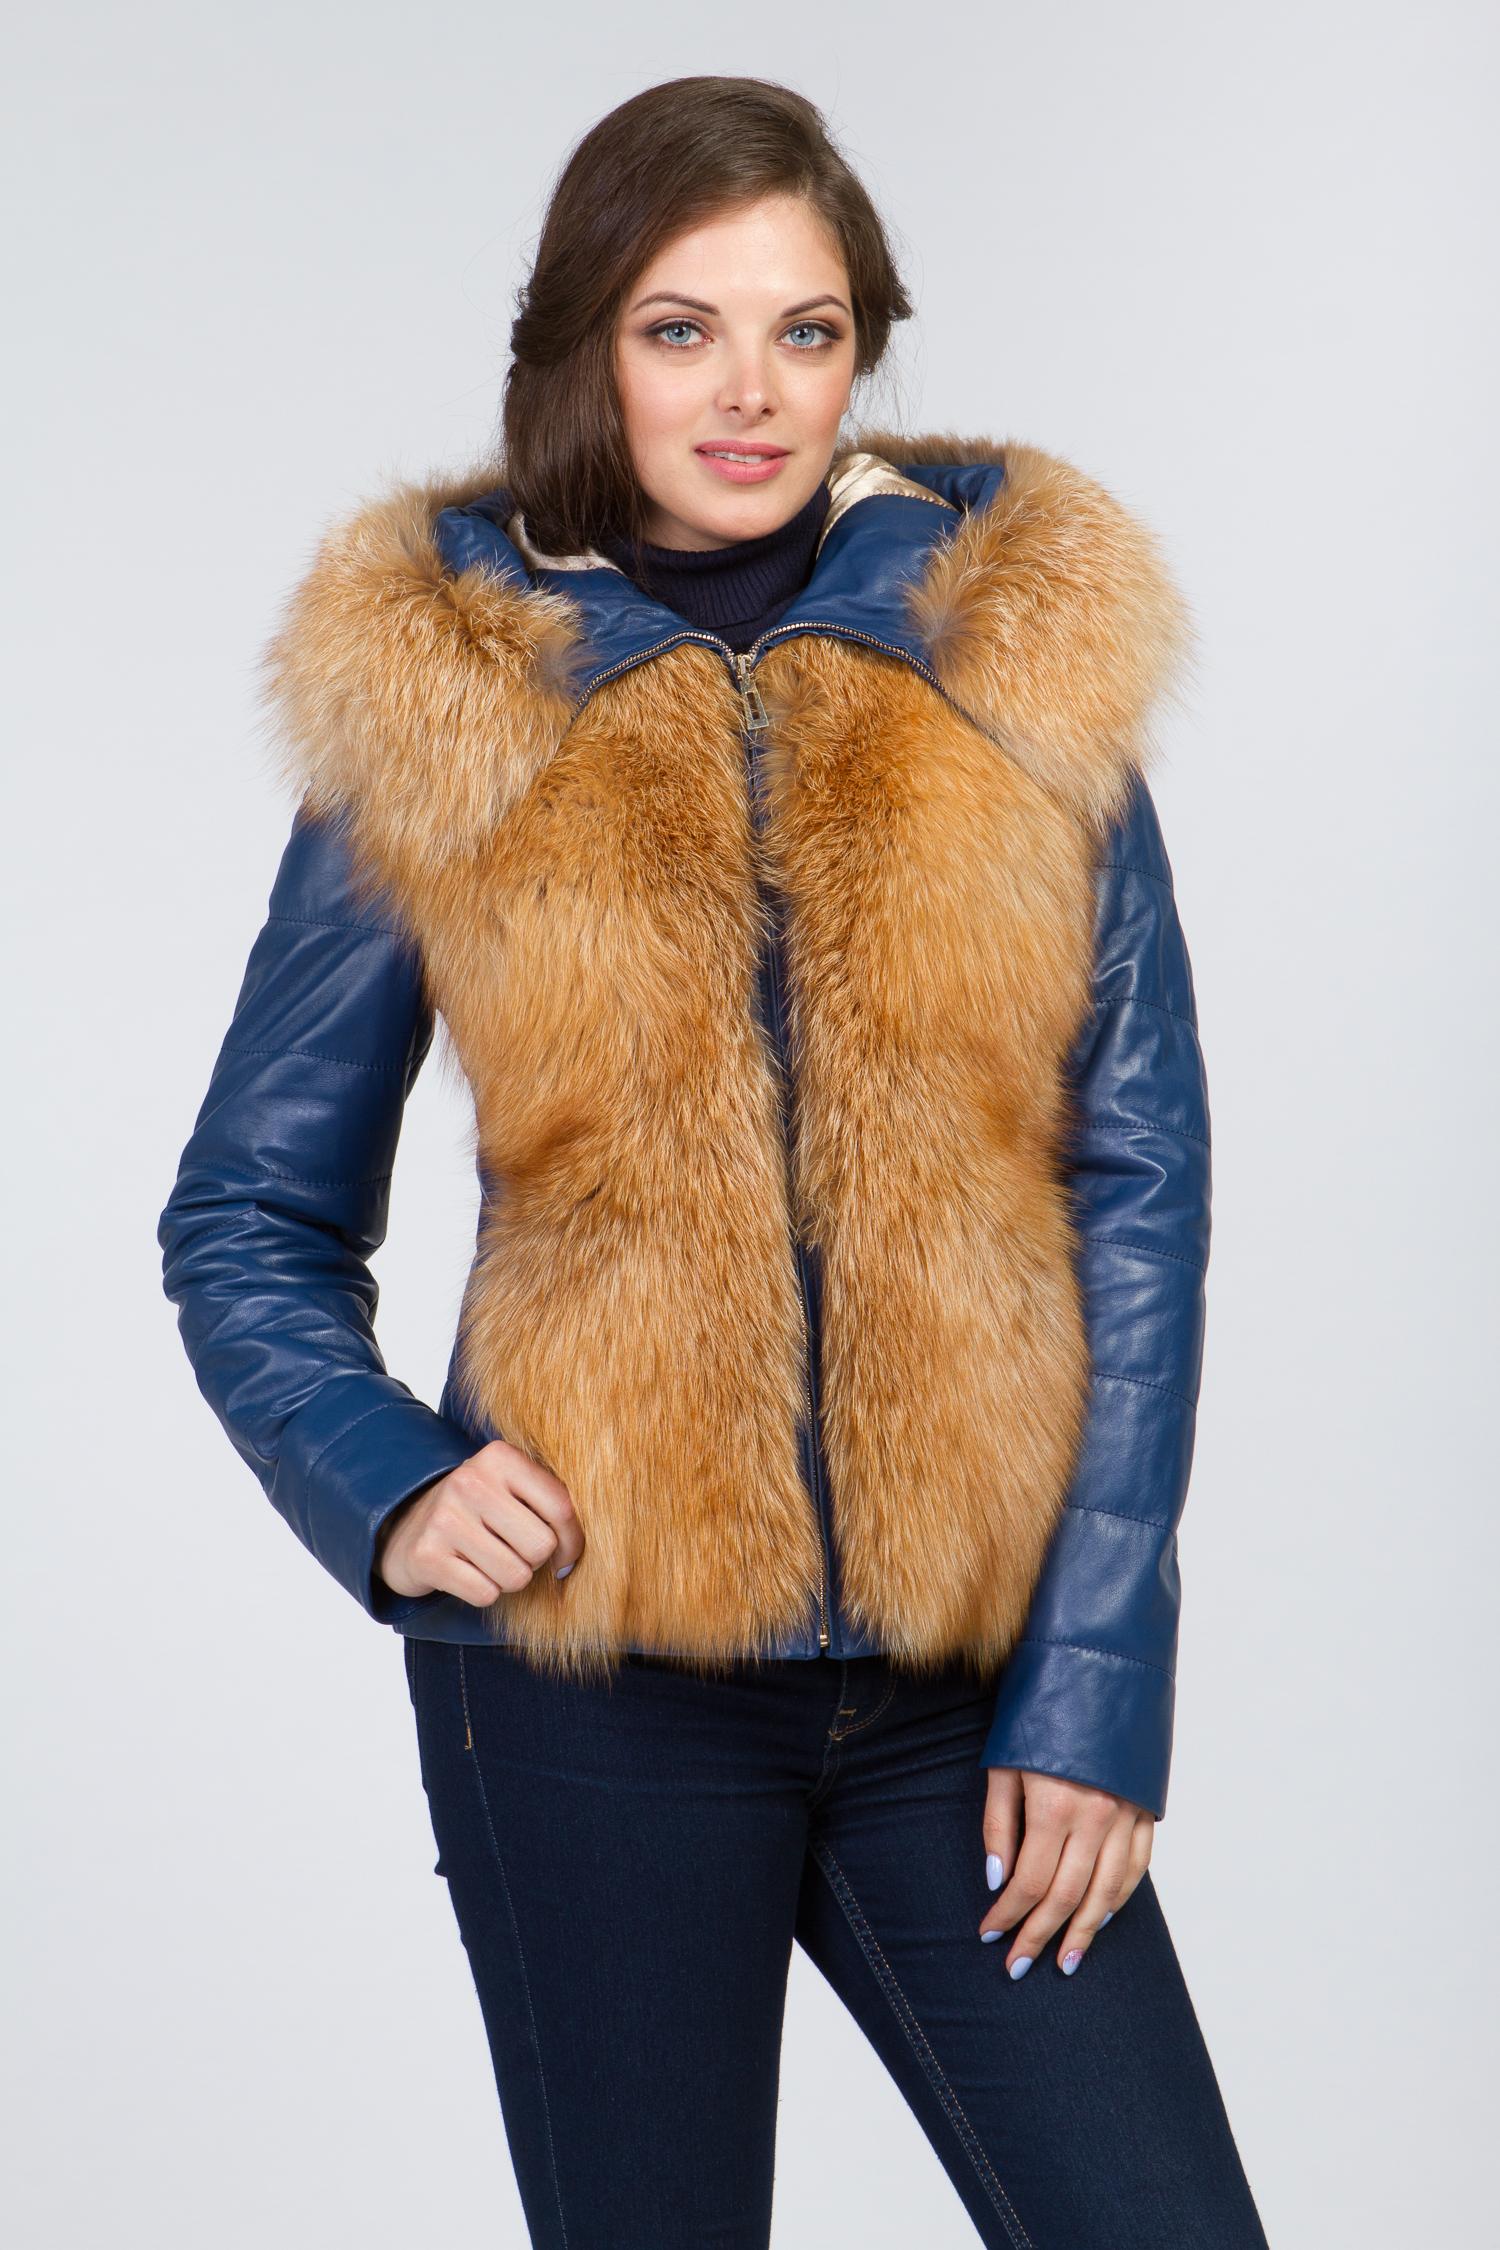 Женская кожаная куртка из натуральной кожи с капюшоном, отделка лиса Московская Меховая Компания